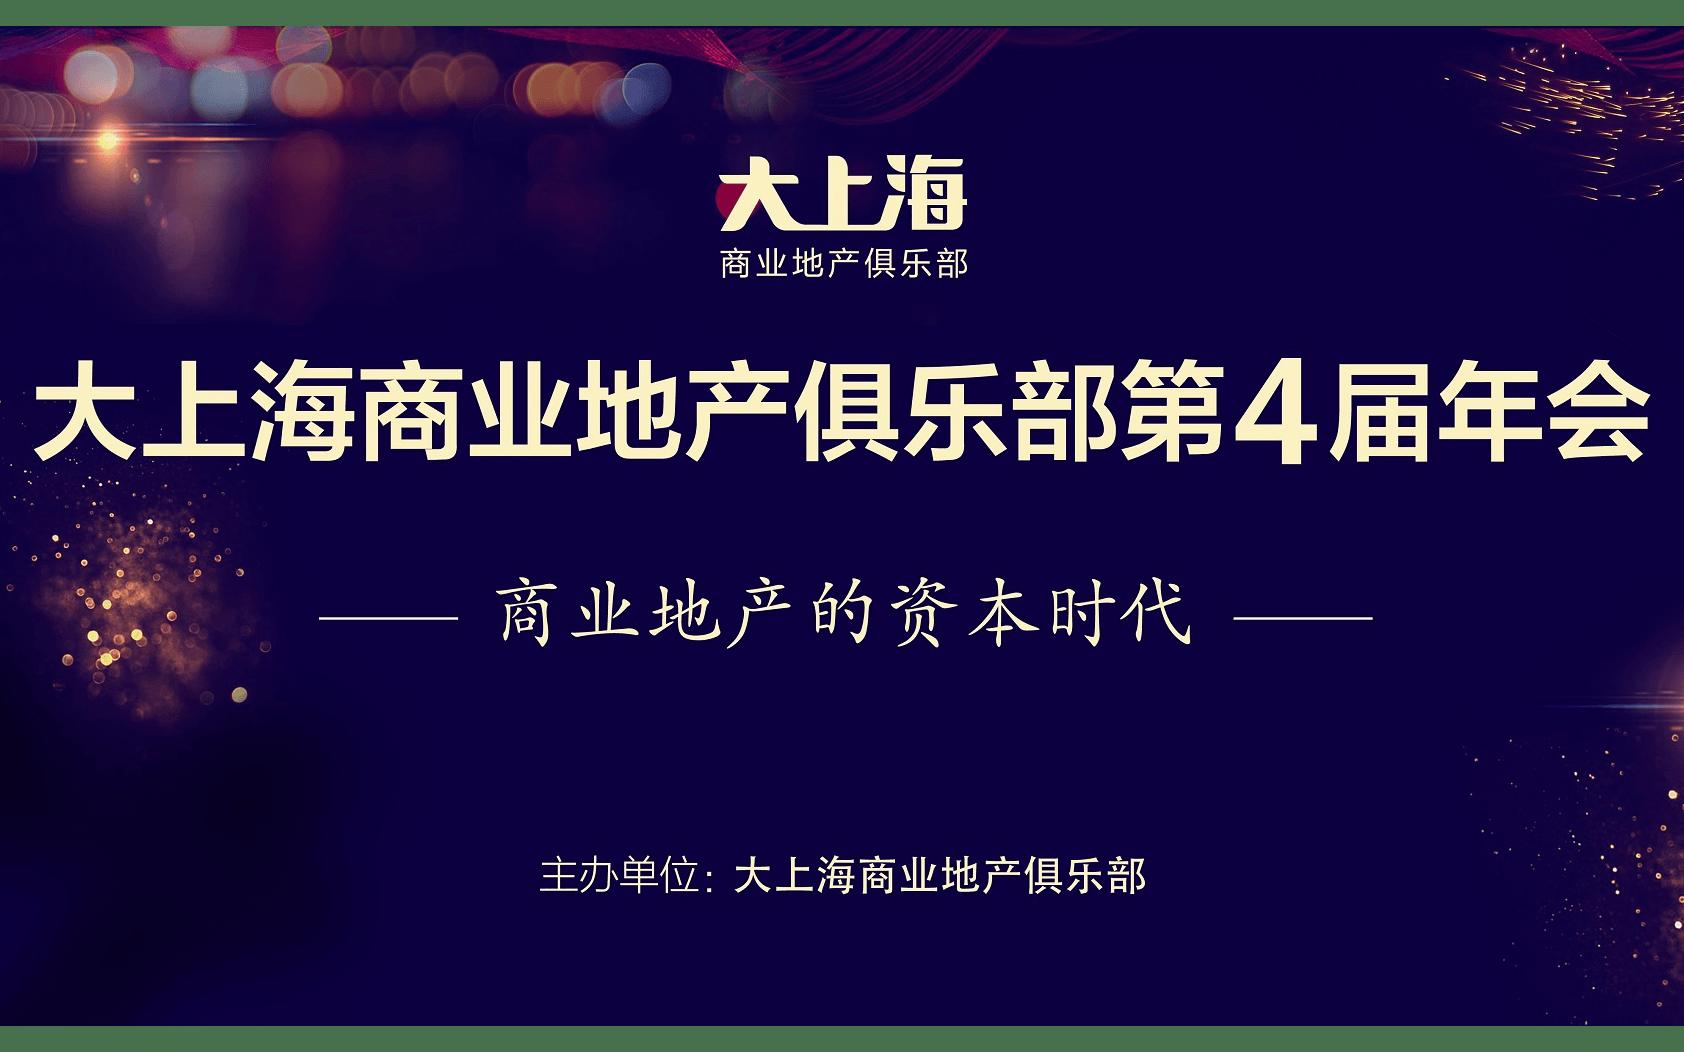 2019大上海商业地产俱乐部第四届年会